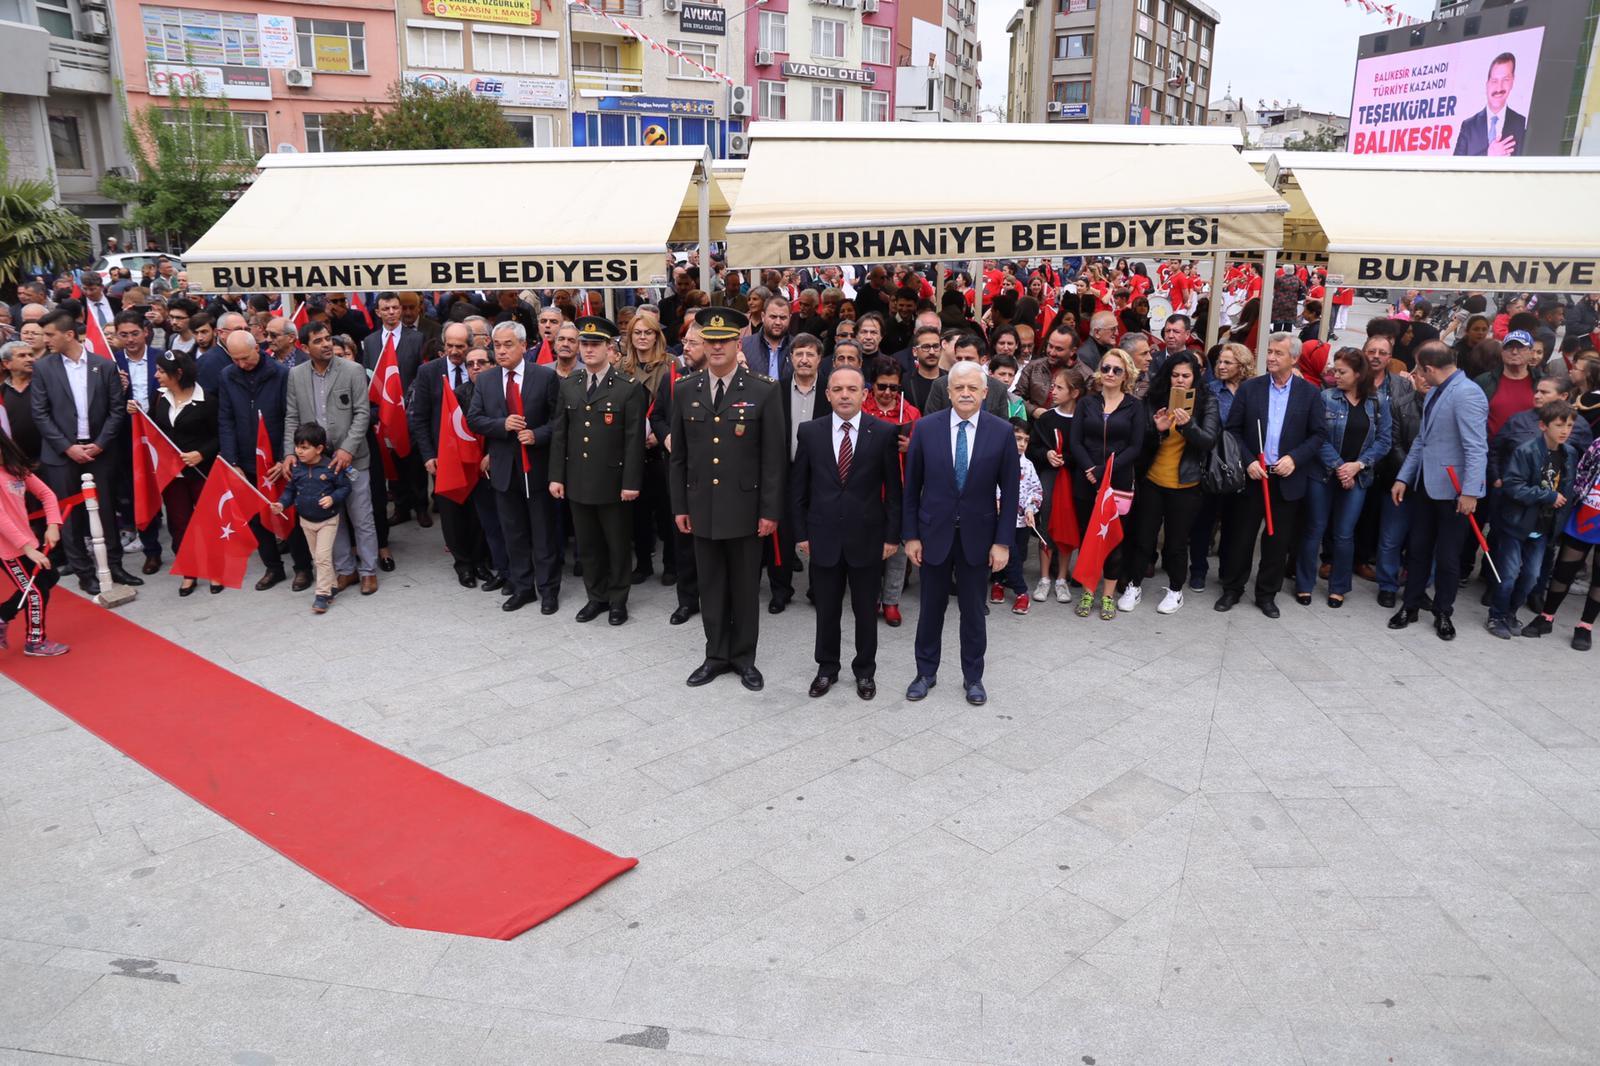 Atatürk'ün Burhaniye'ye Gelişine Görkemli Kutlama